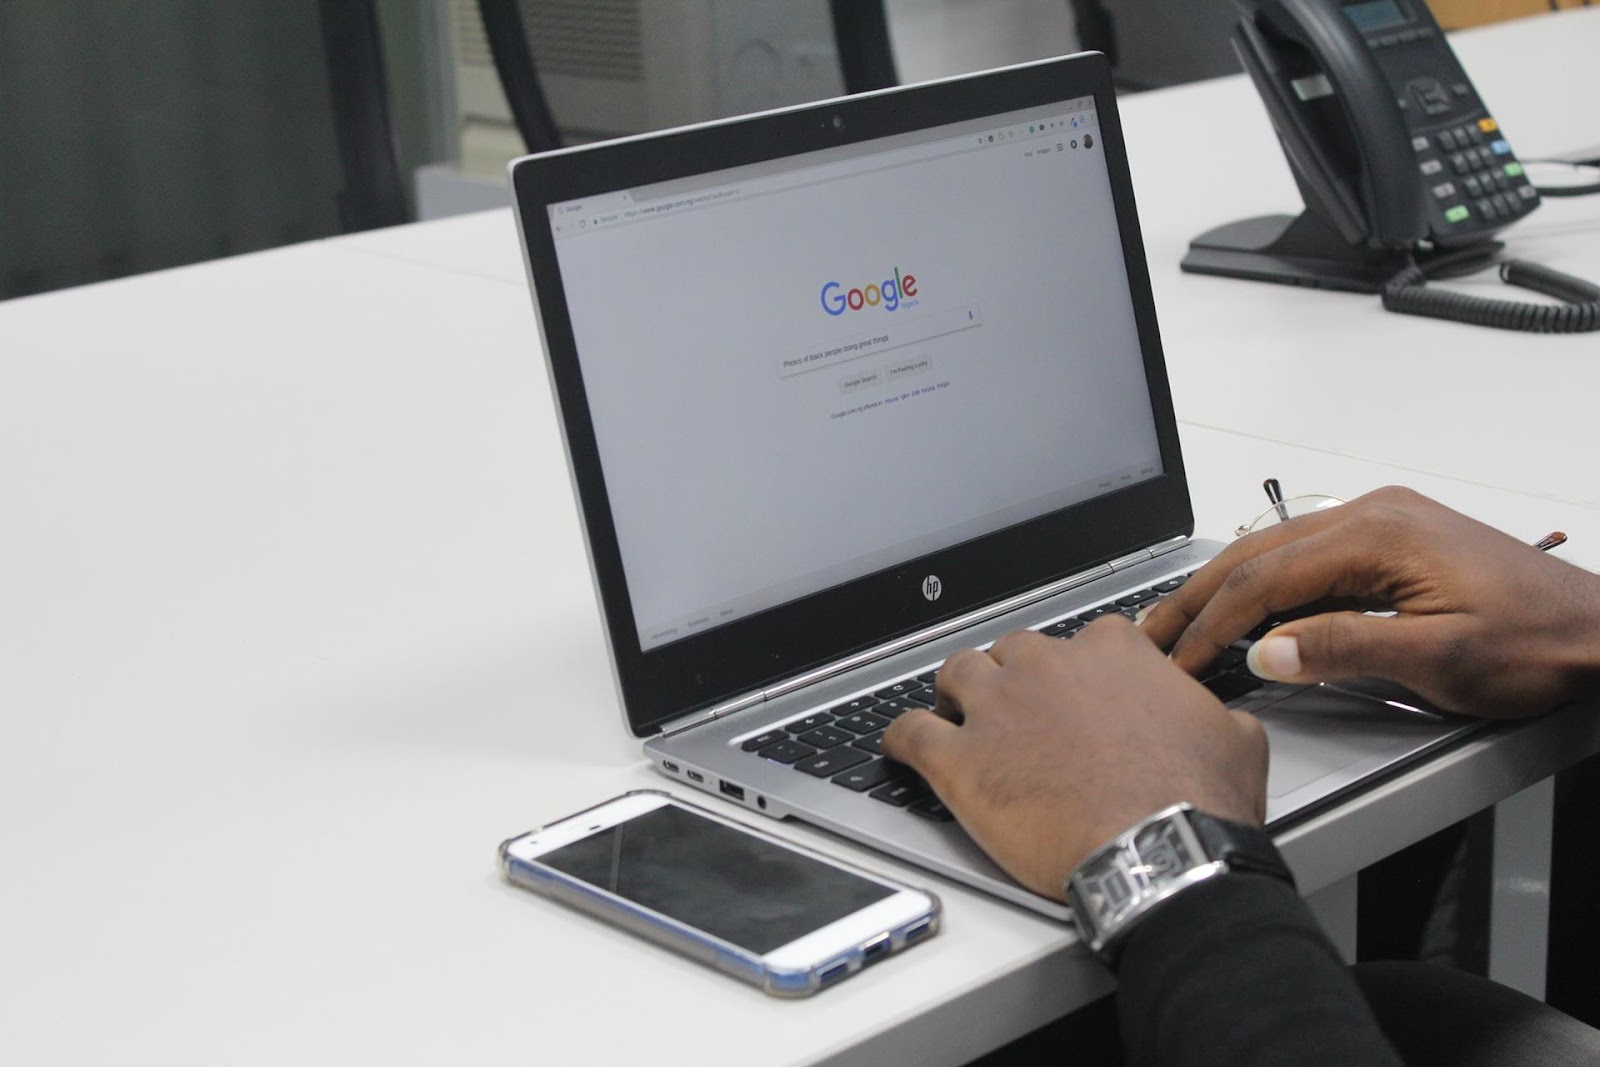 Agendar a reunião no meet pelo google calendar desktop facilita o processo